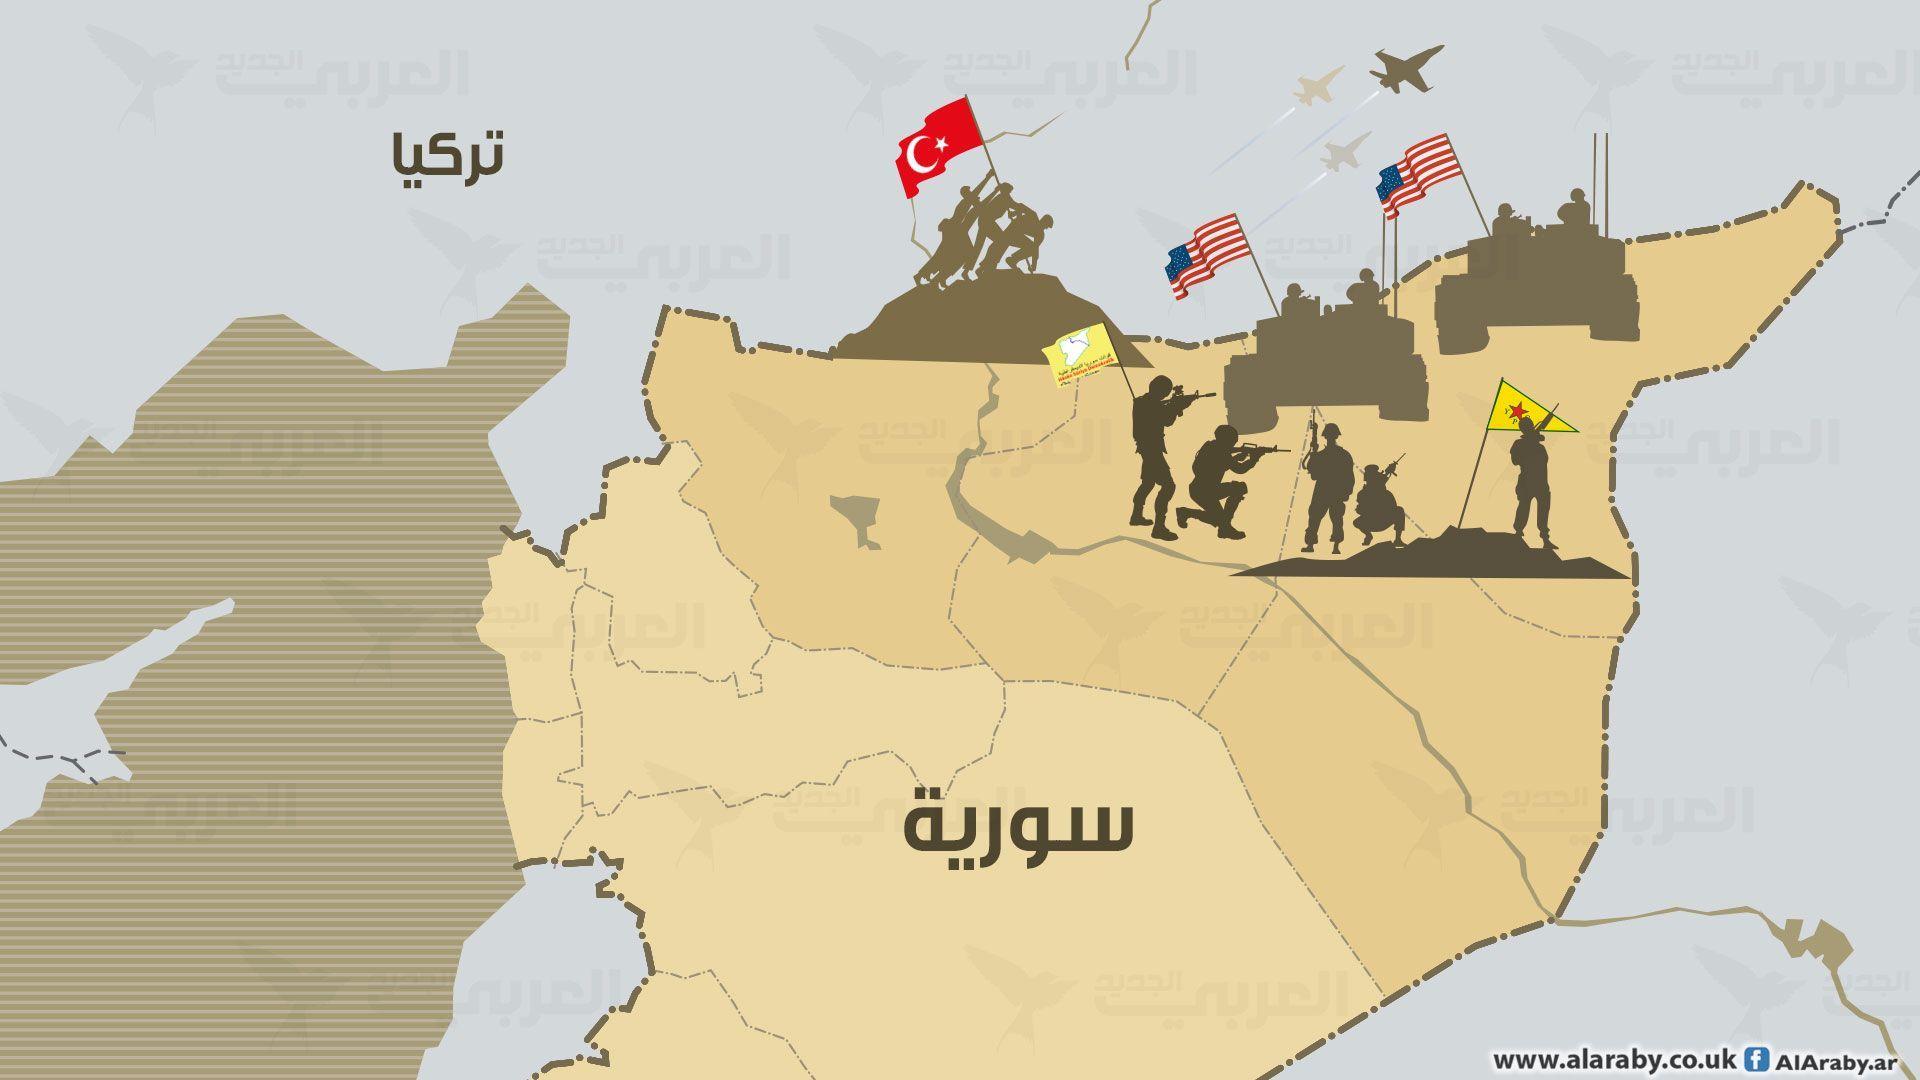 أميركا تعيد الأكراد إلى الجبال Diagram Map World